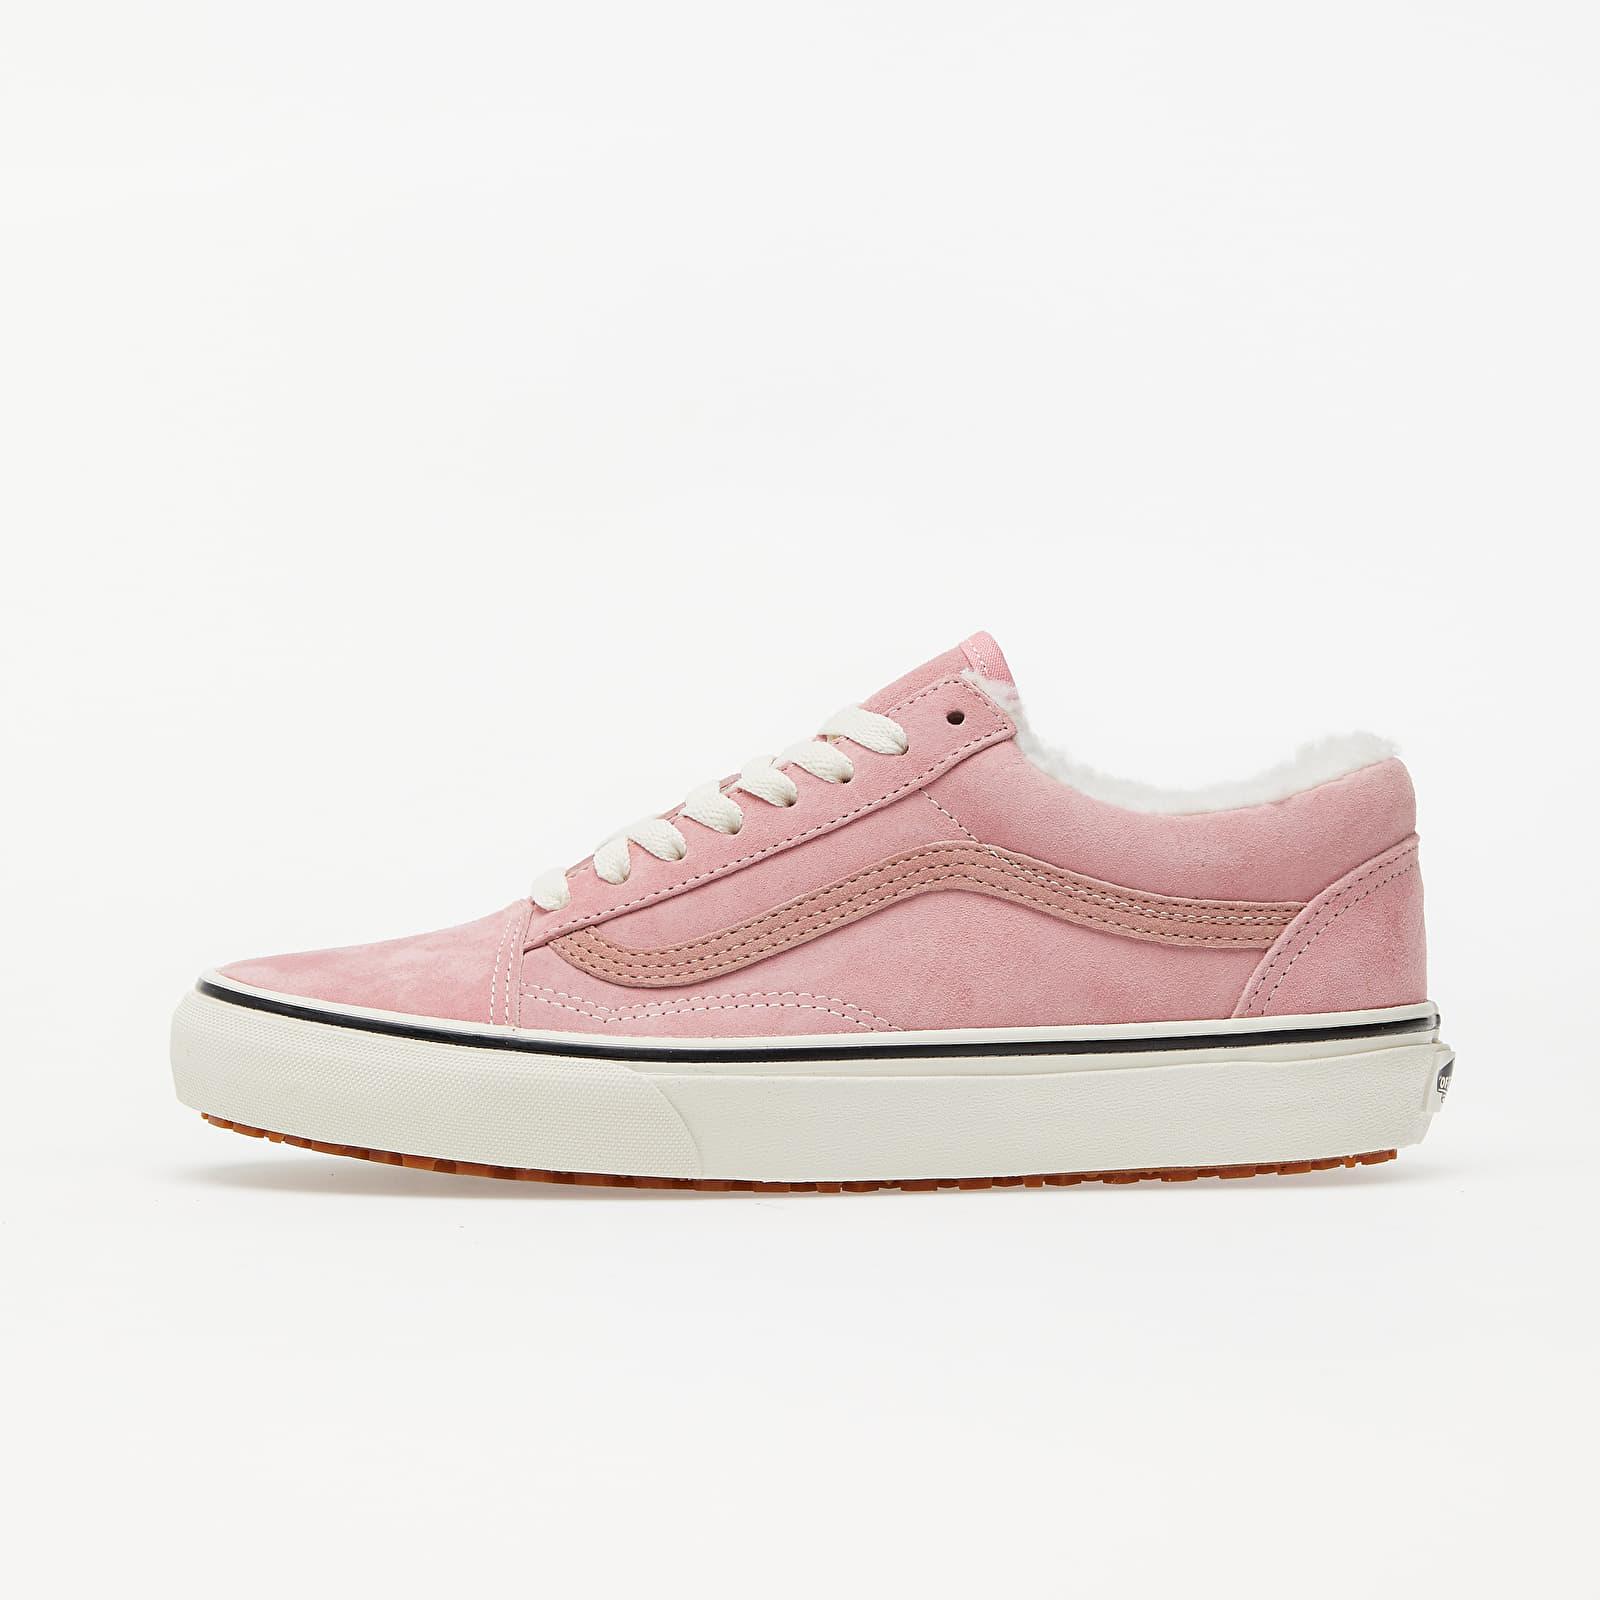 Vans Old Skool MTE (MTE) Nubuck/ Flamingo Pink EUR 38